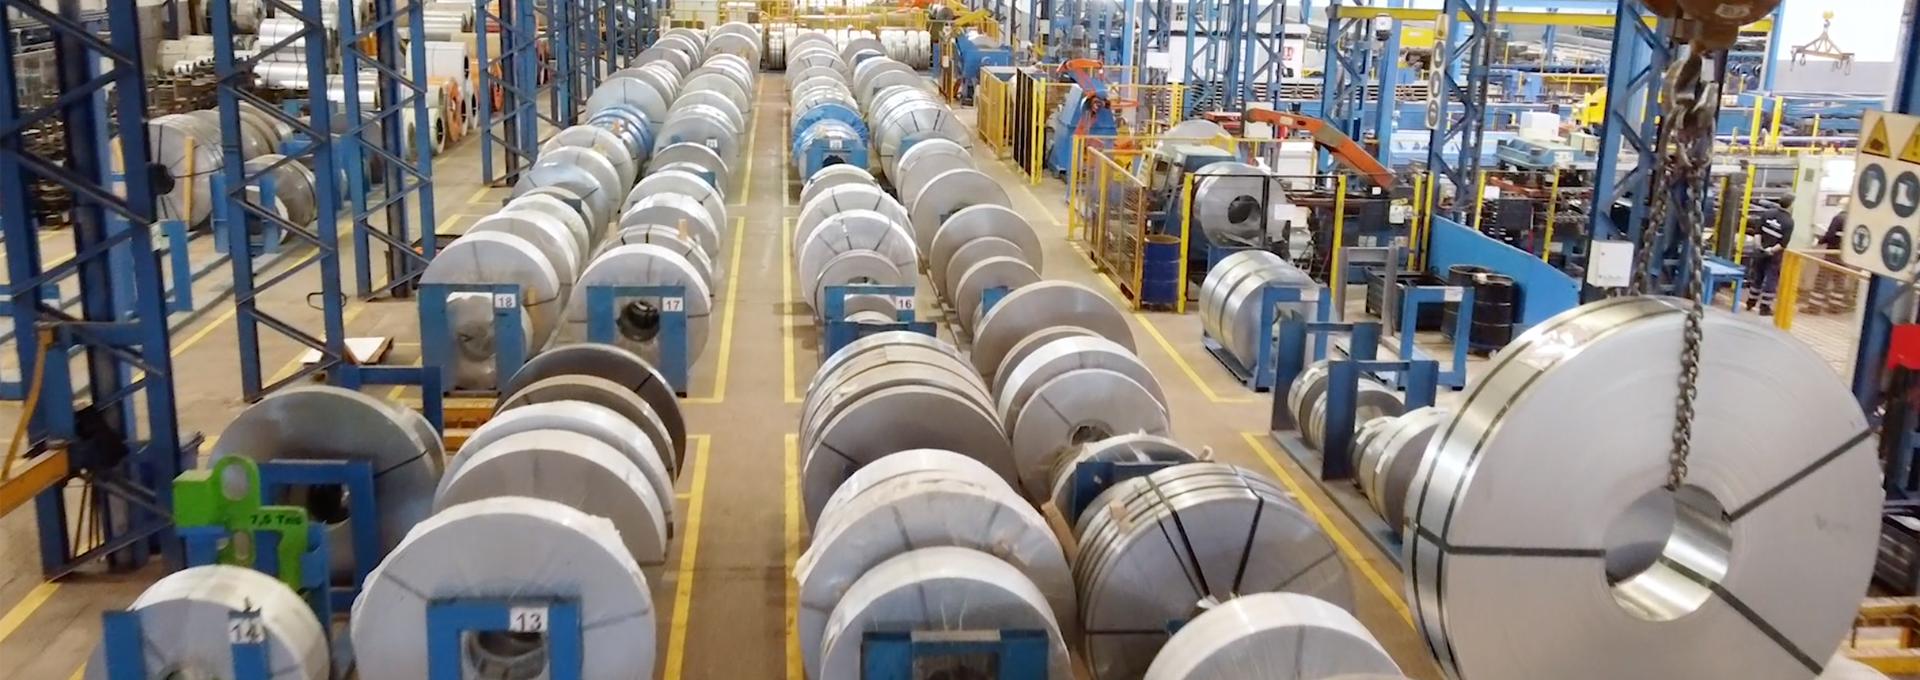 Foto de portada del vídeo acero de Brausa, fabricante de perfiles de acero conformado en frío